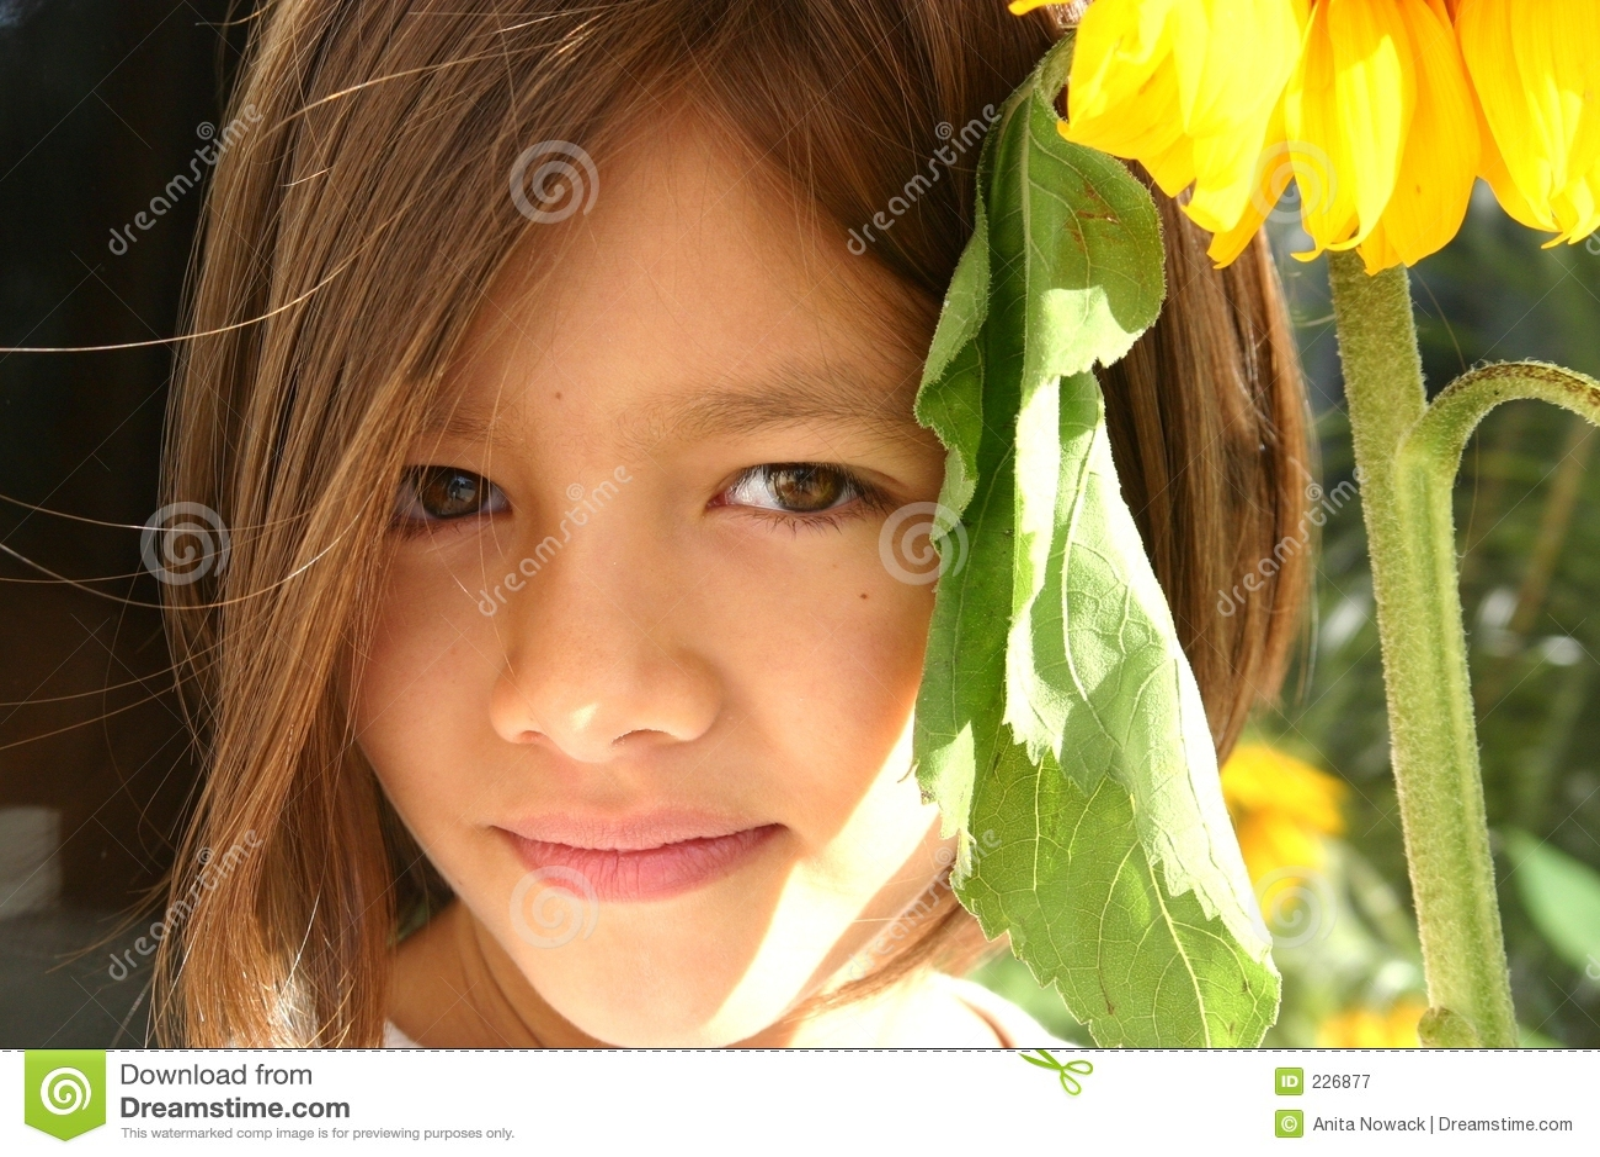 Little Sunflower Girl